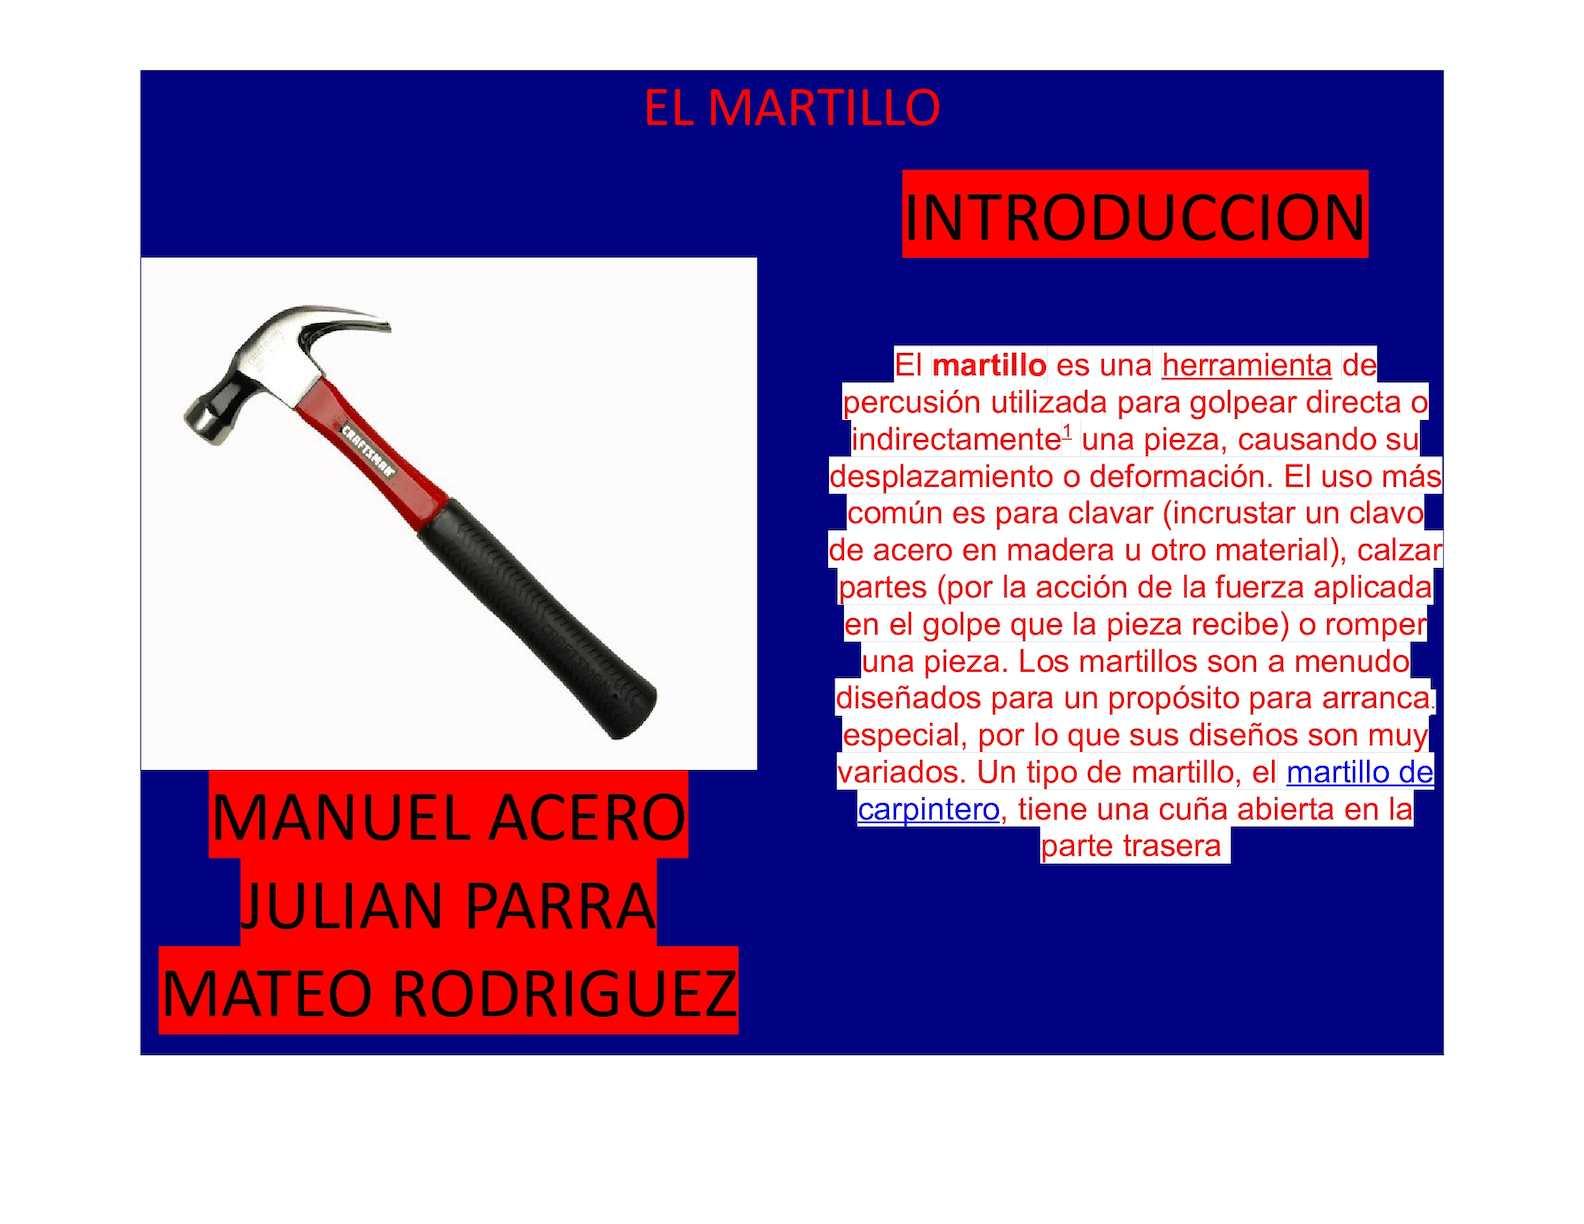 LOKIH Martillo Cromo Vanadio Acero,10OZ Round Head Plane Martillo De Orejas Mango De Madera Maciza para Mayor Durabilidad Y Agarre Material De Martillo